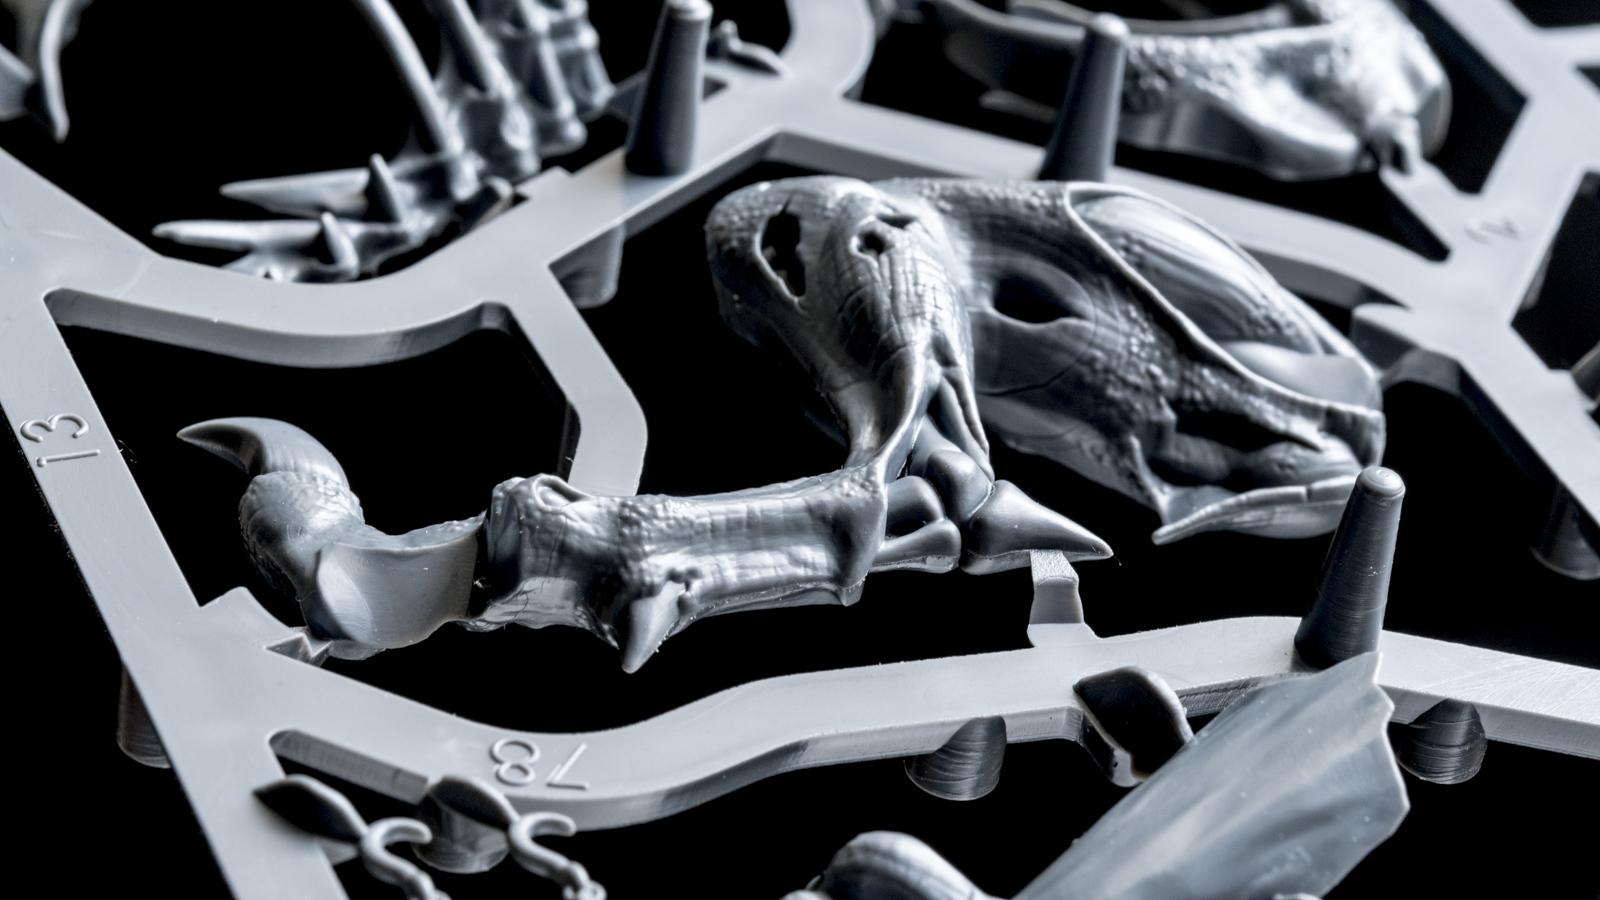 キミは腐ったドラゴンのプラモデルを組んだことがあるか(前編)_b0029315_23163585.jpg